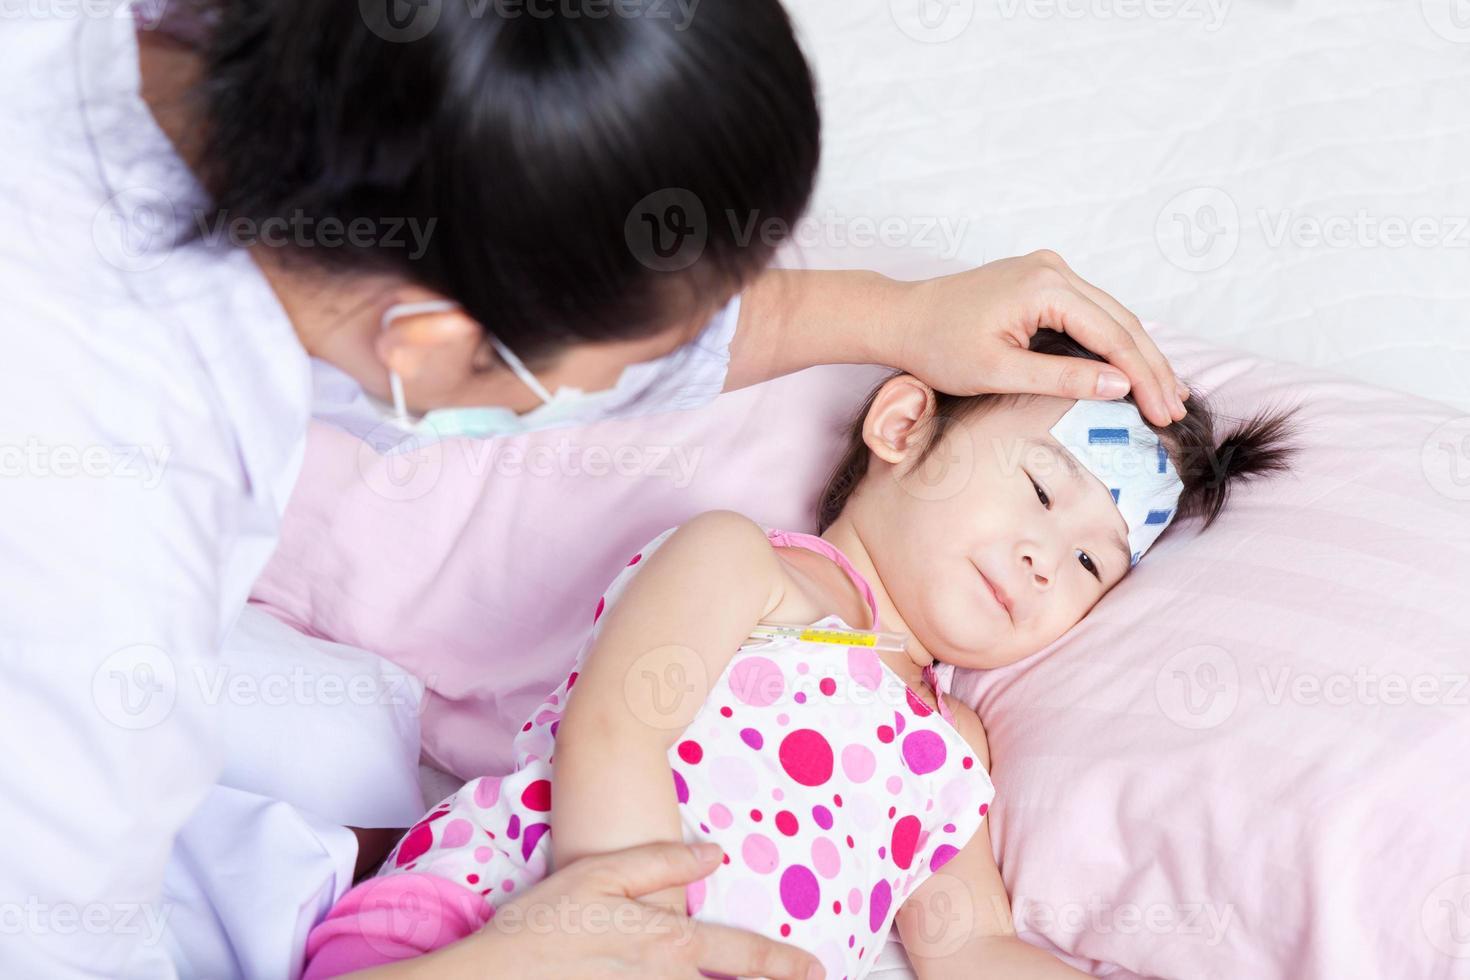 ziek meisje verzorgd door een kinderarts foto